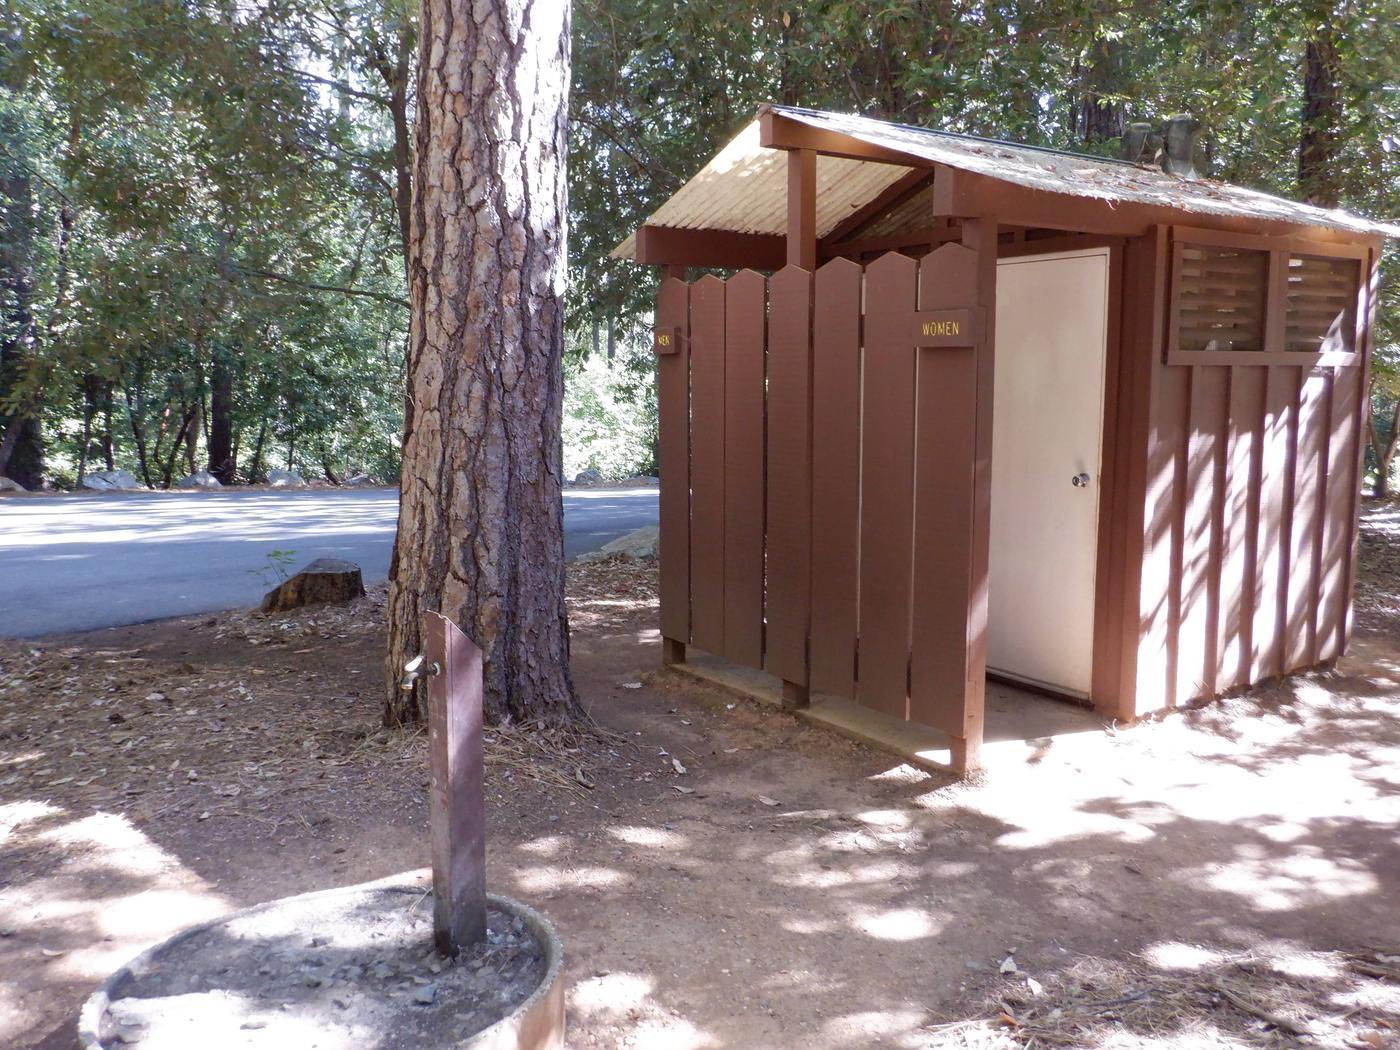 Vault Toilet and Water Spigot